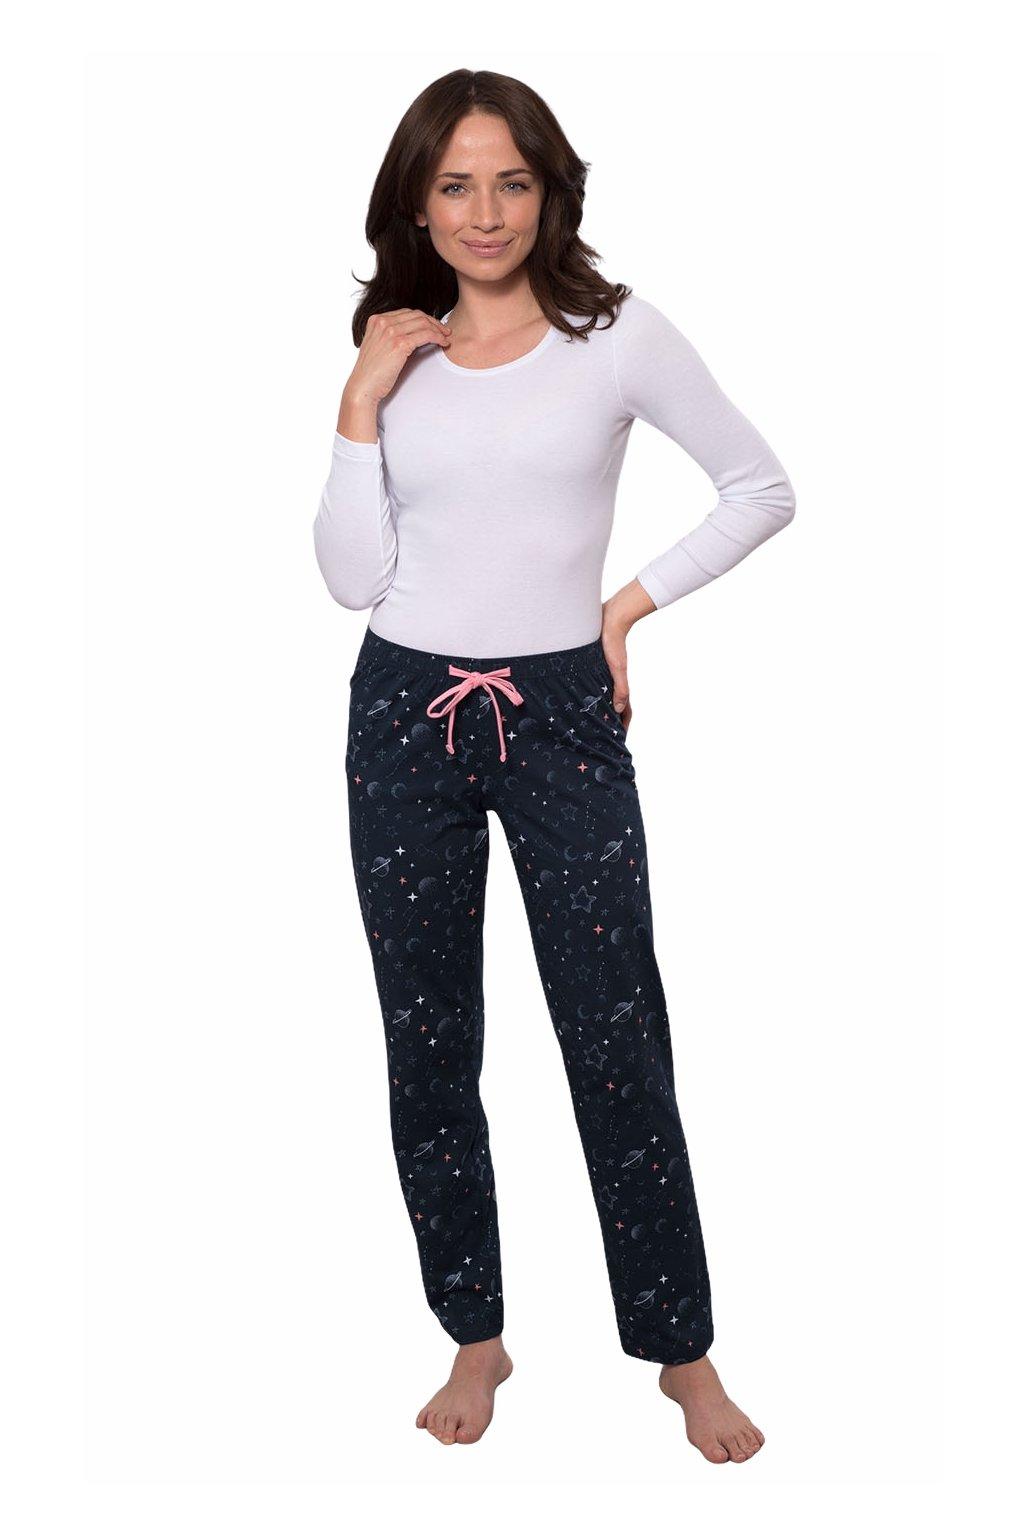 Dámské pyžamové kalhoty s dlouhými nohavicemi, 104395 261, modrá